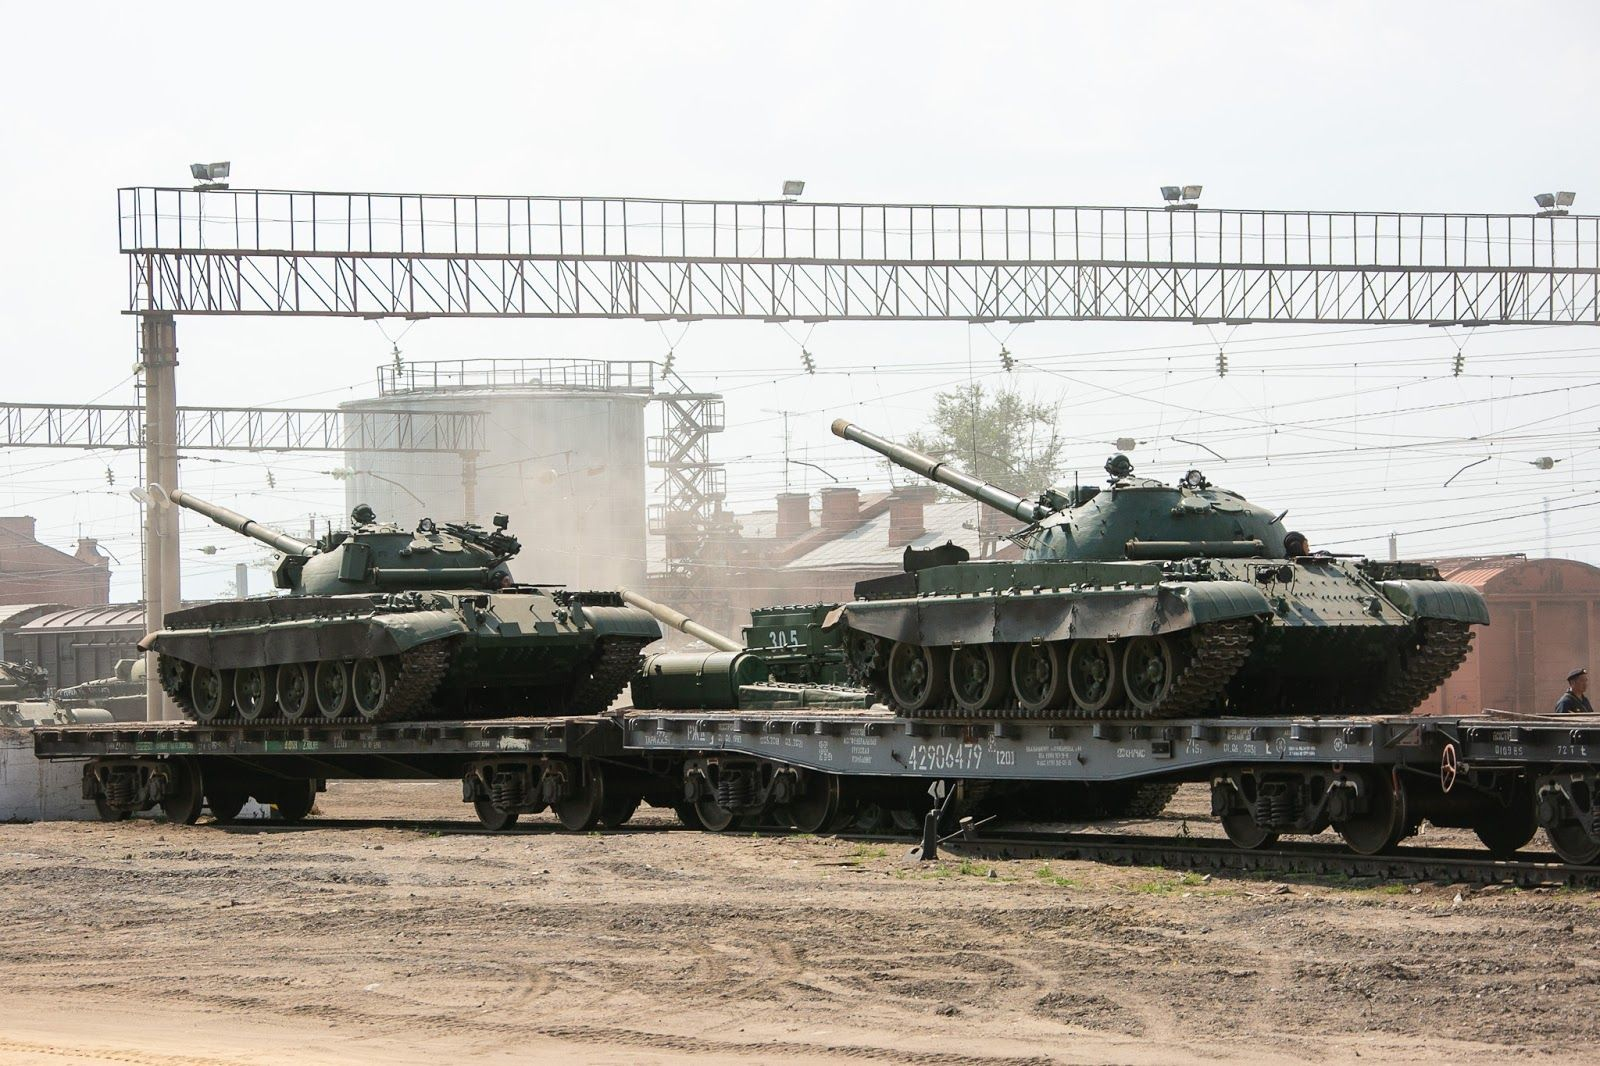 Россия начала перебрасывать армию с бронетехникой в Беларусь: в Минске сделали заявление